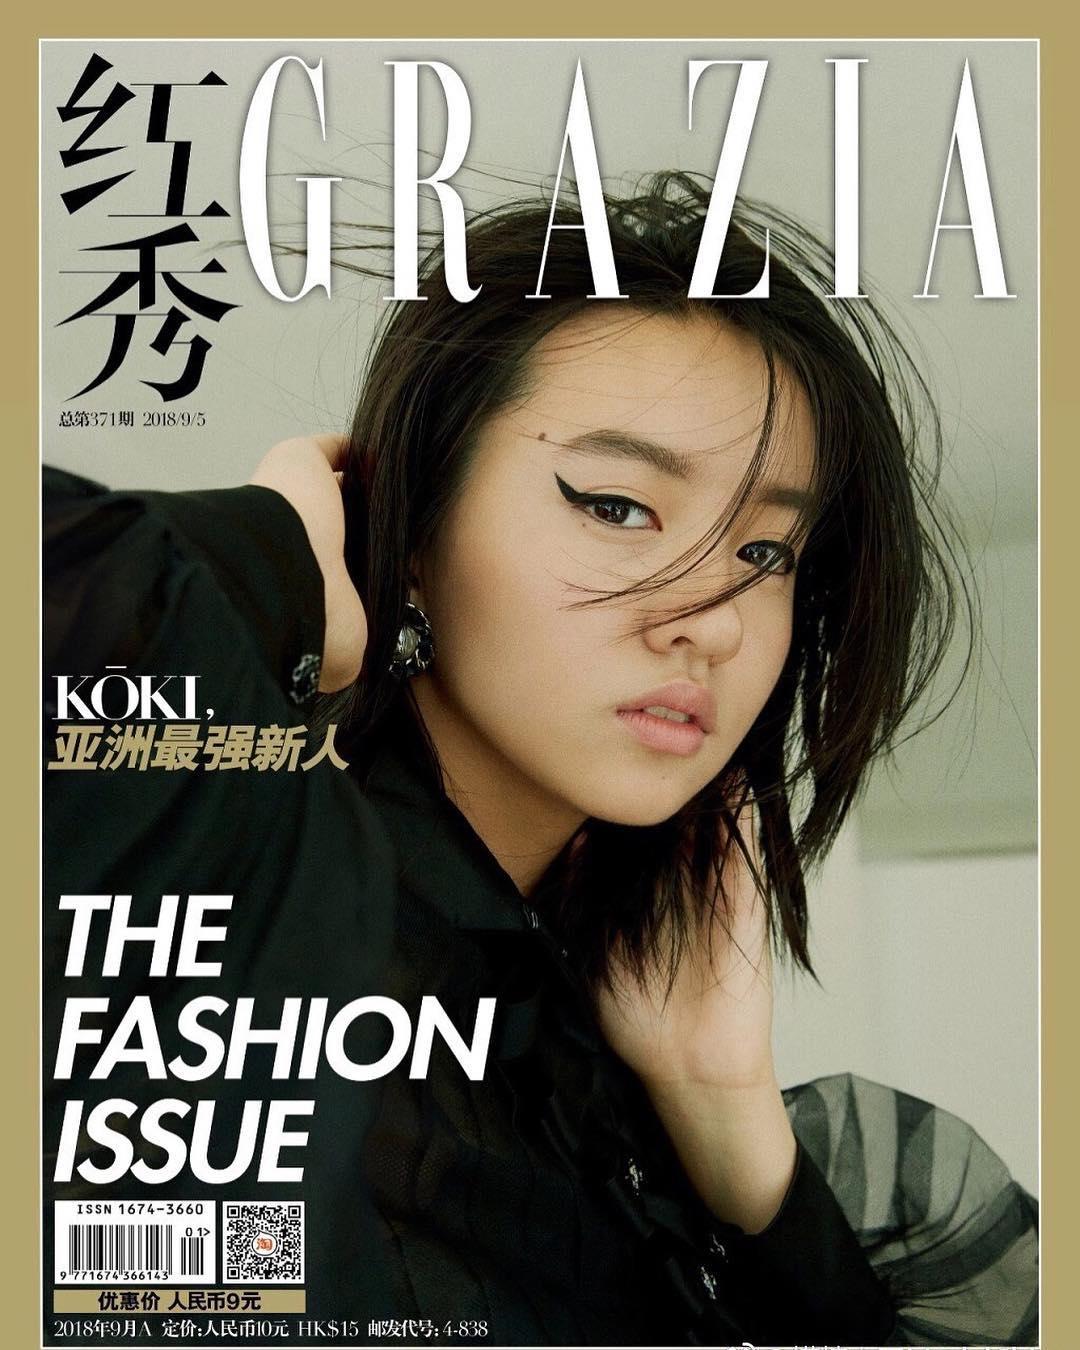 キムタク次女・Koki,、中国人気雑誌の表紙に初登場!「アジア最強新人」と紹介される